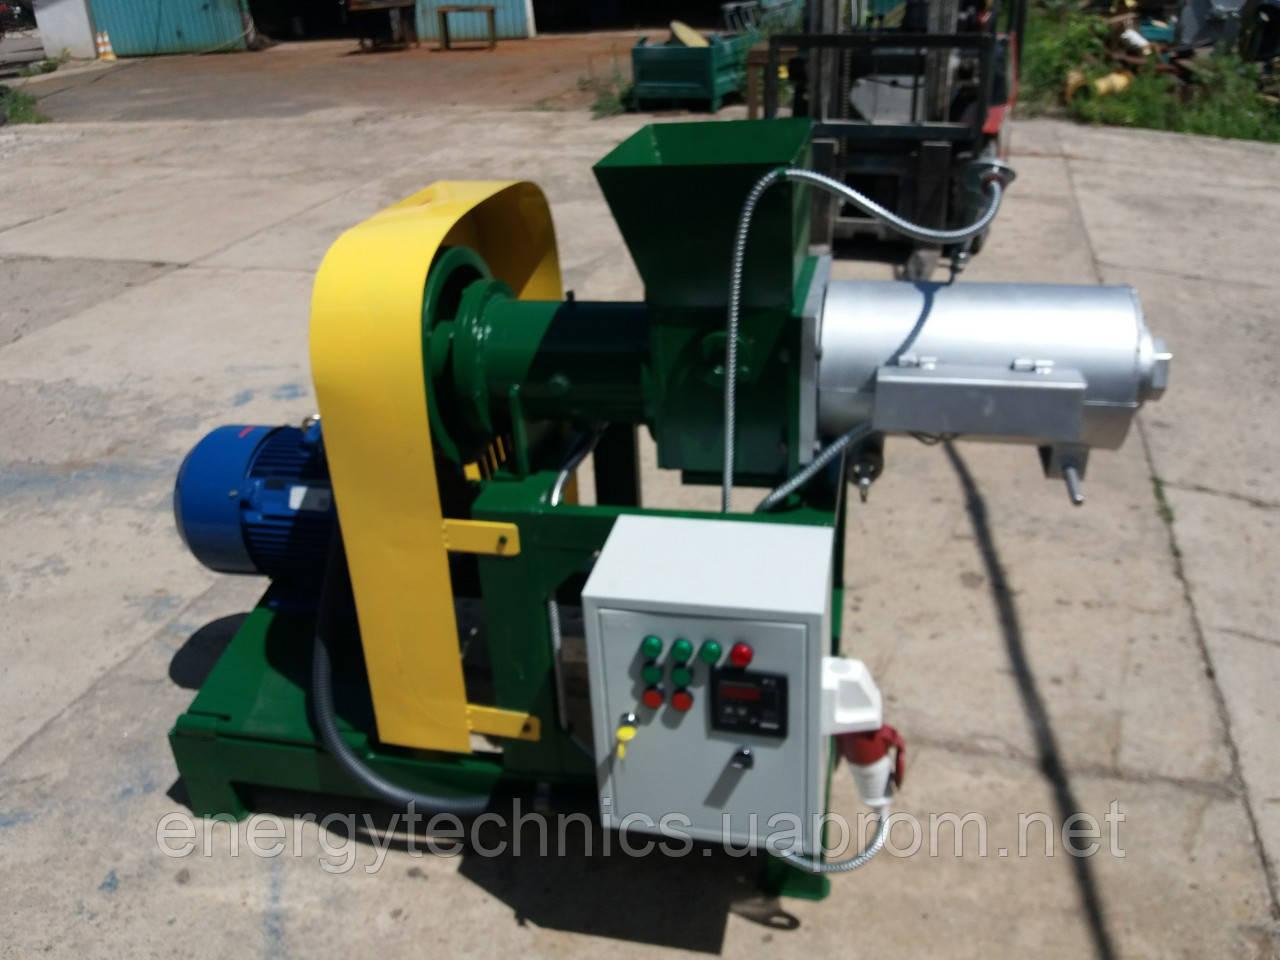 Пресс экструдер для изготовления топливных брикетов ПБ-200